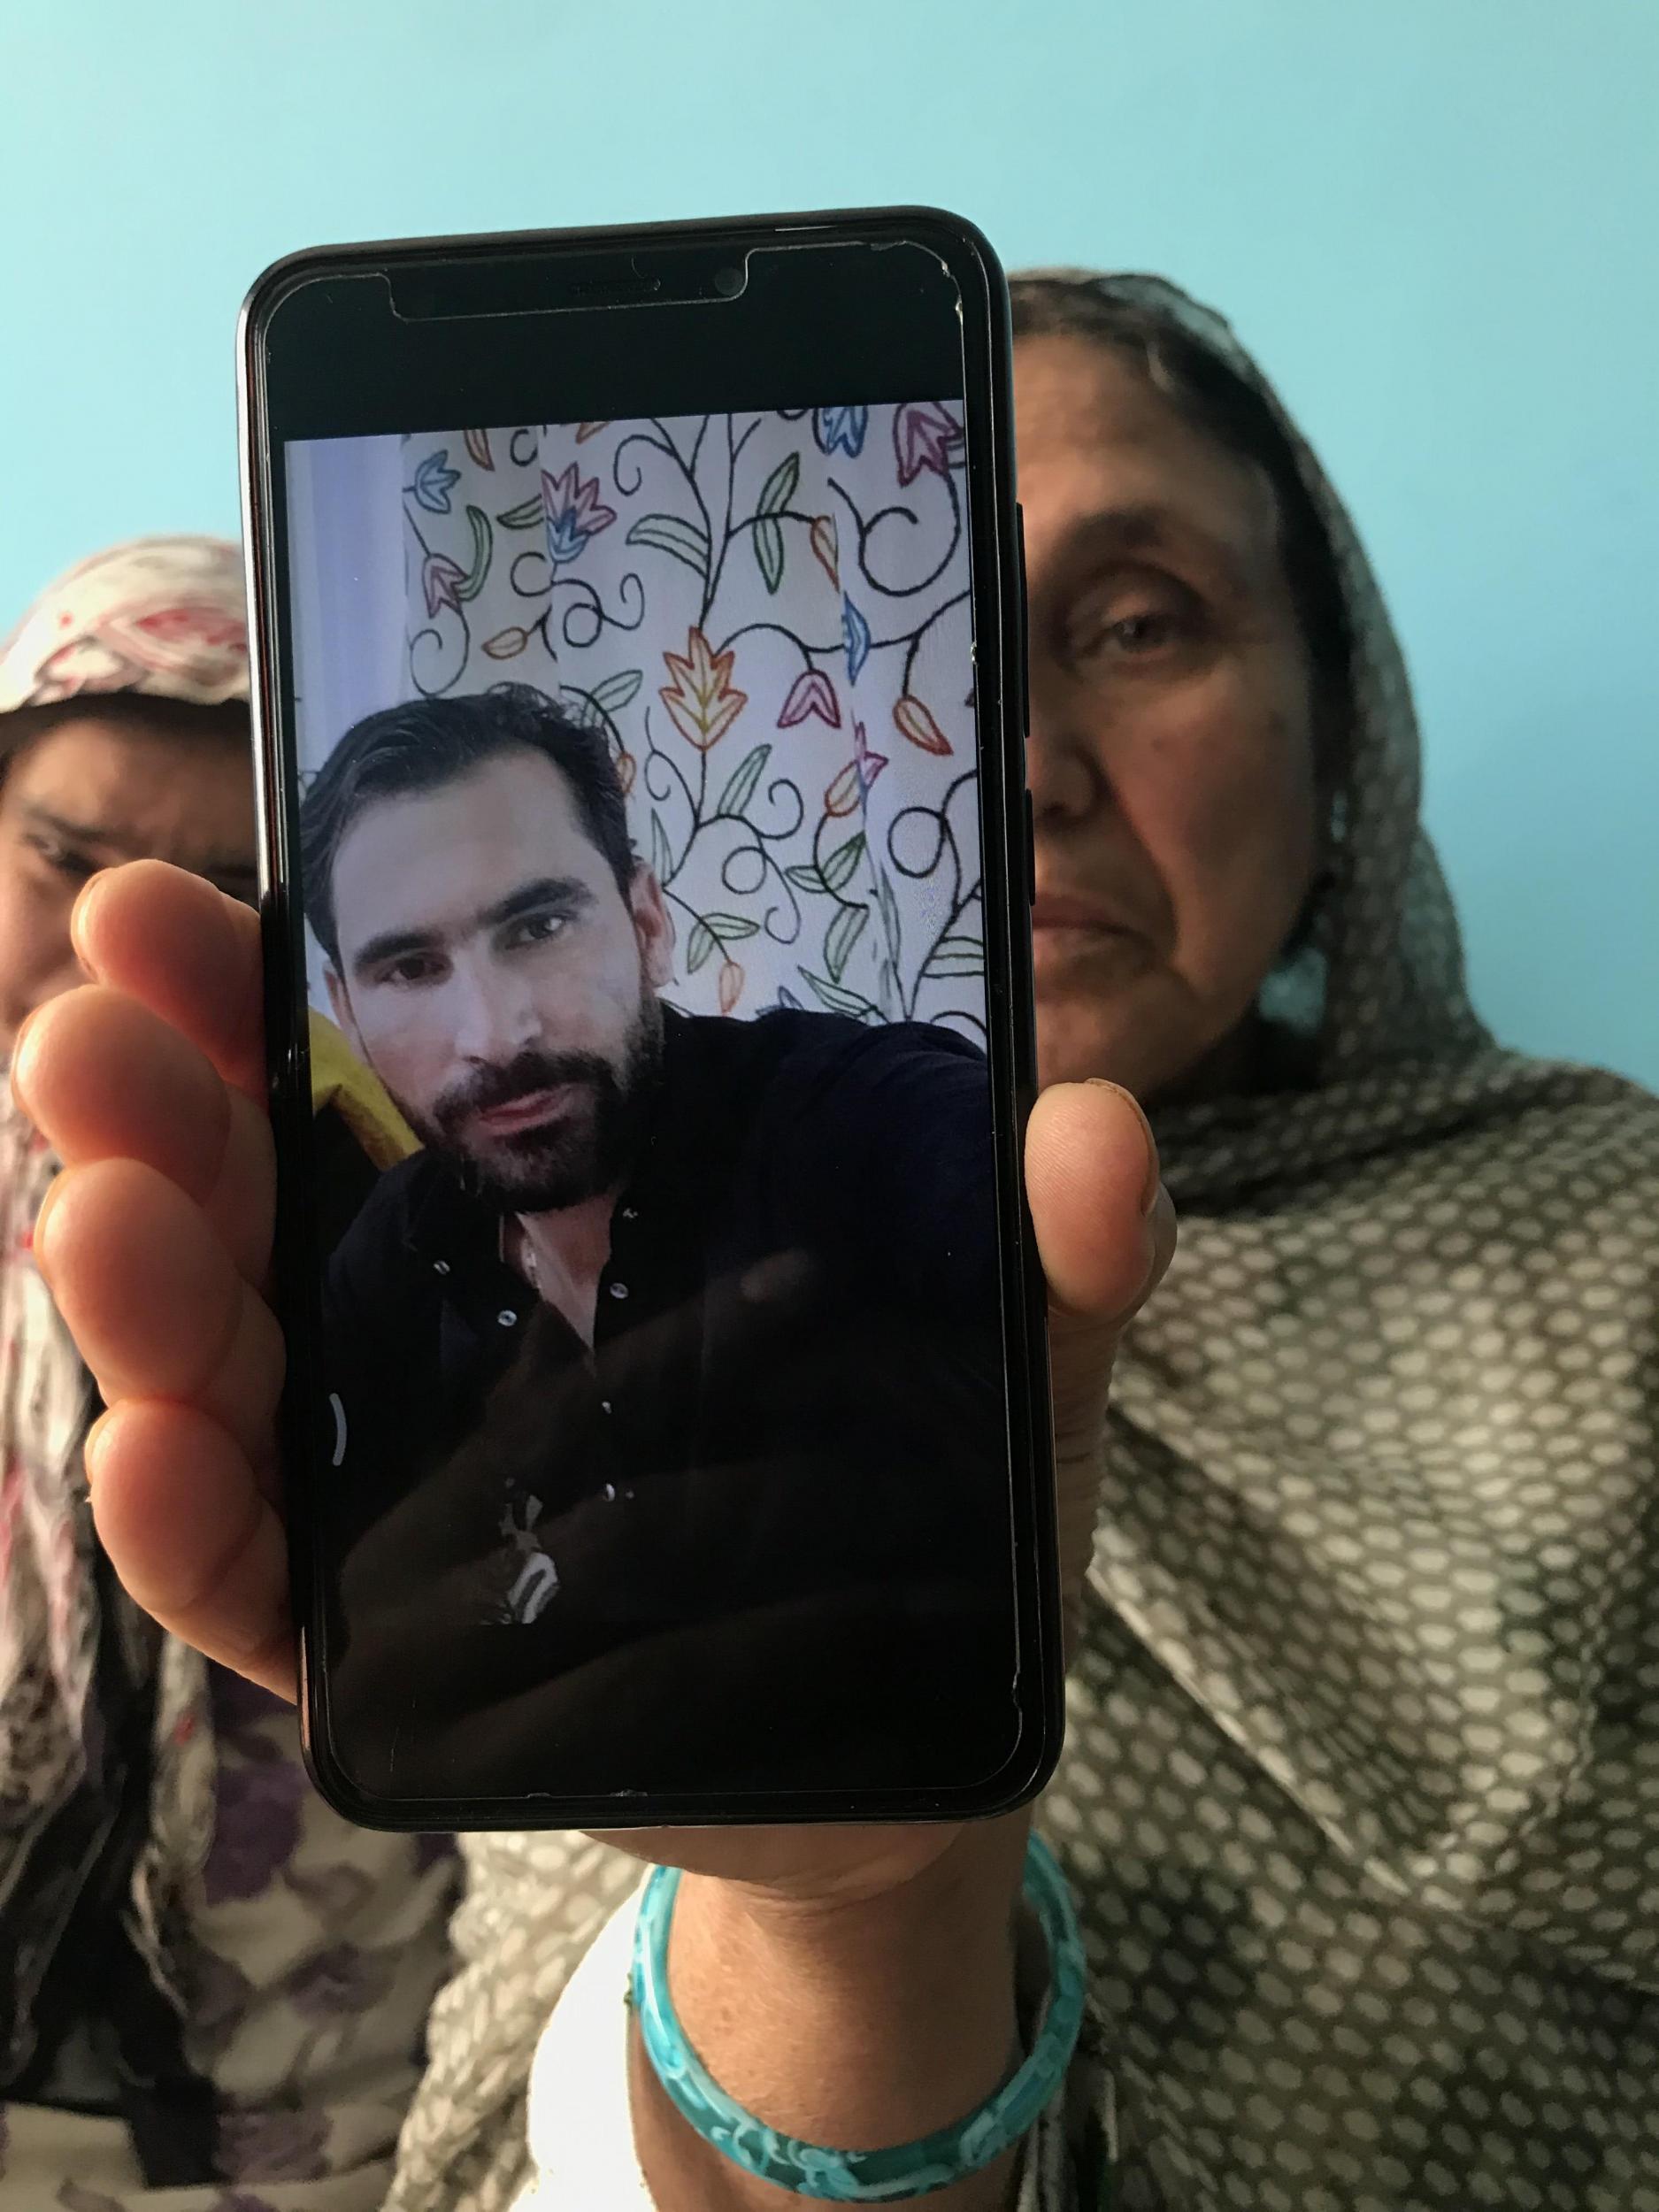 راجہ بیگم اپنے بیٹے عامر خان کی تصویر دکھاتے ہوئے (زبیر صوفی/ دی انڈپینڈنٹ)